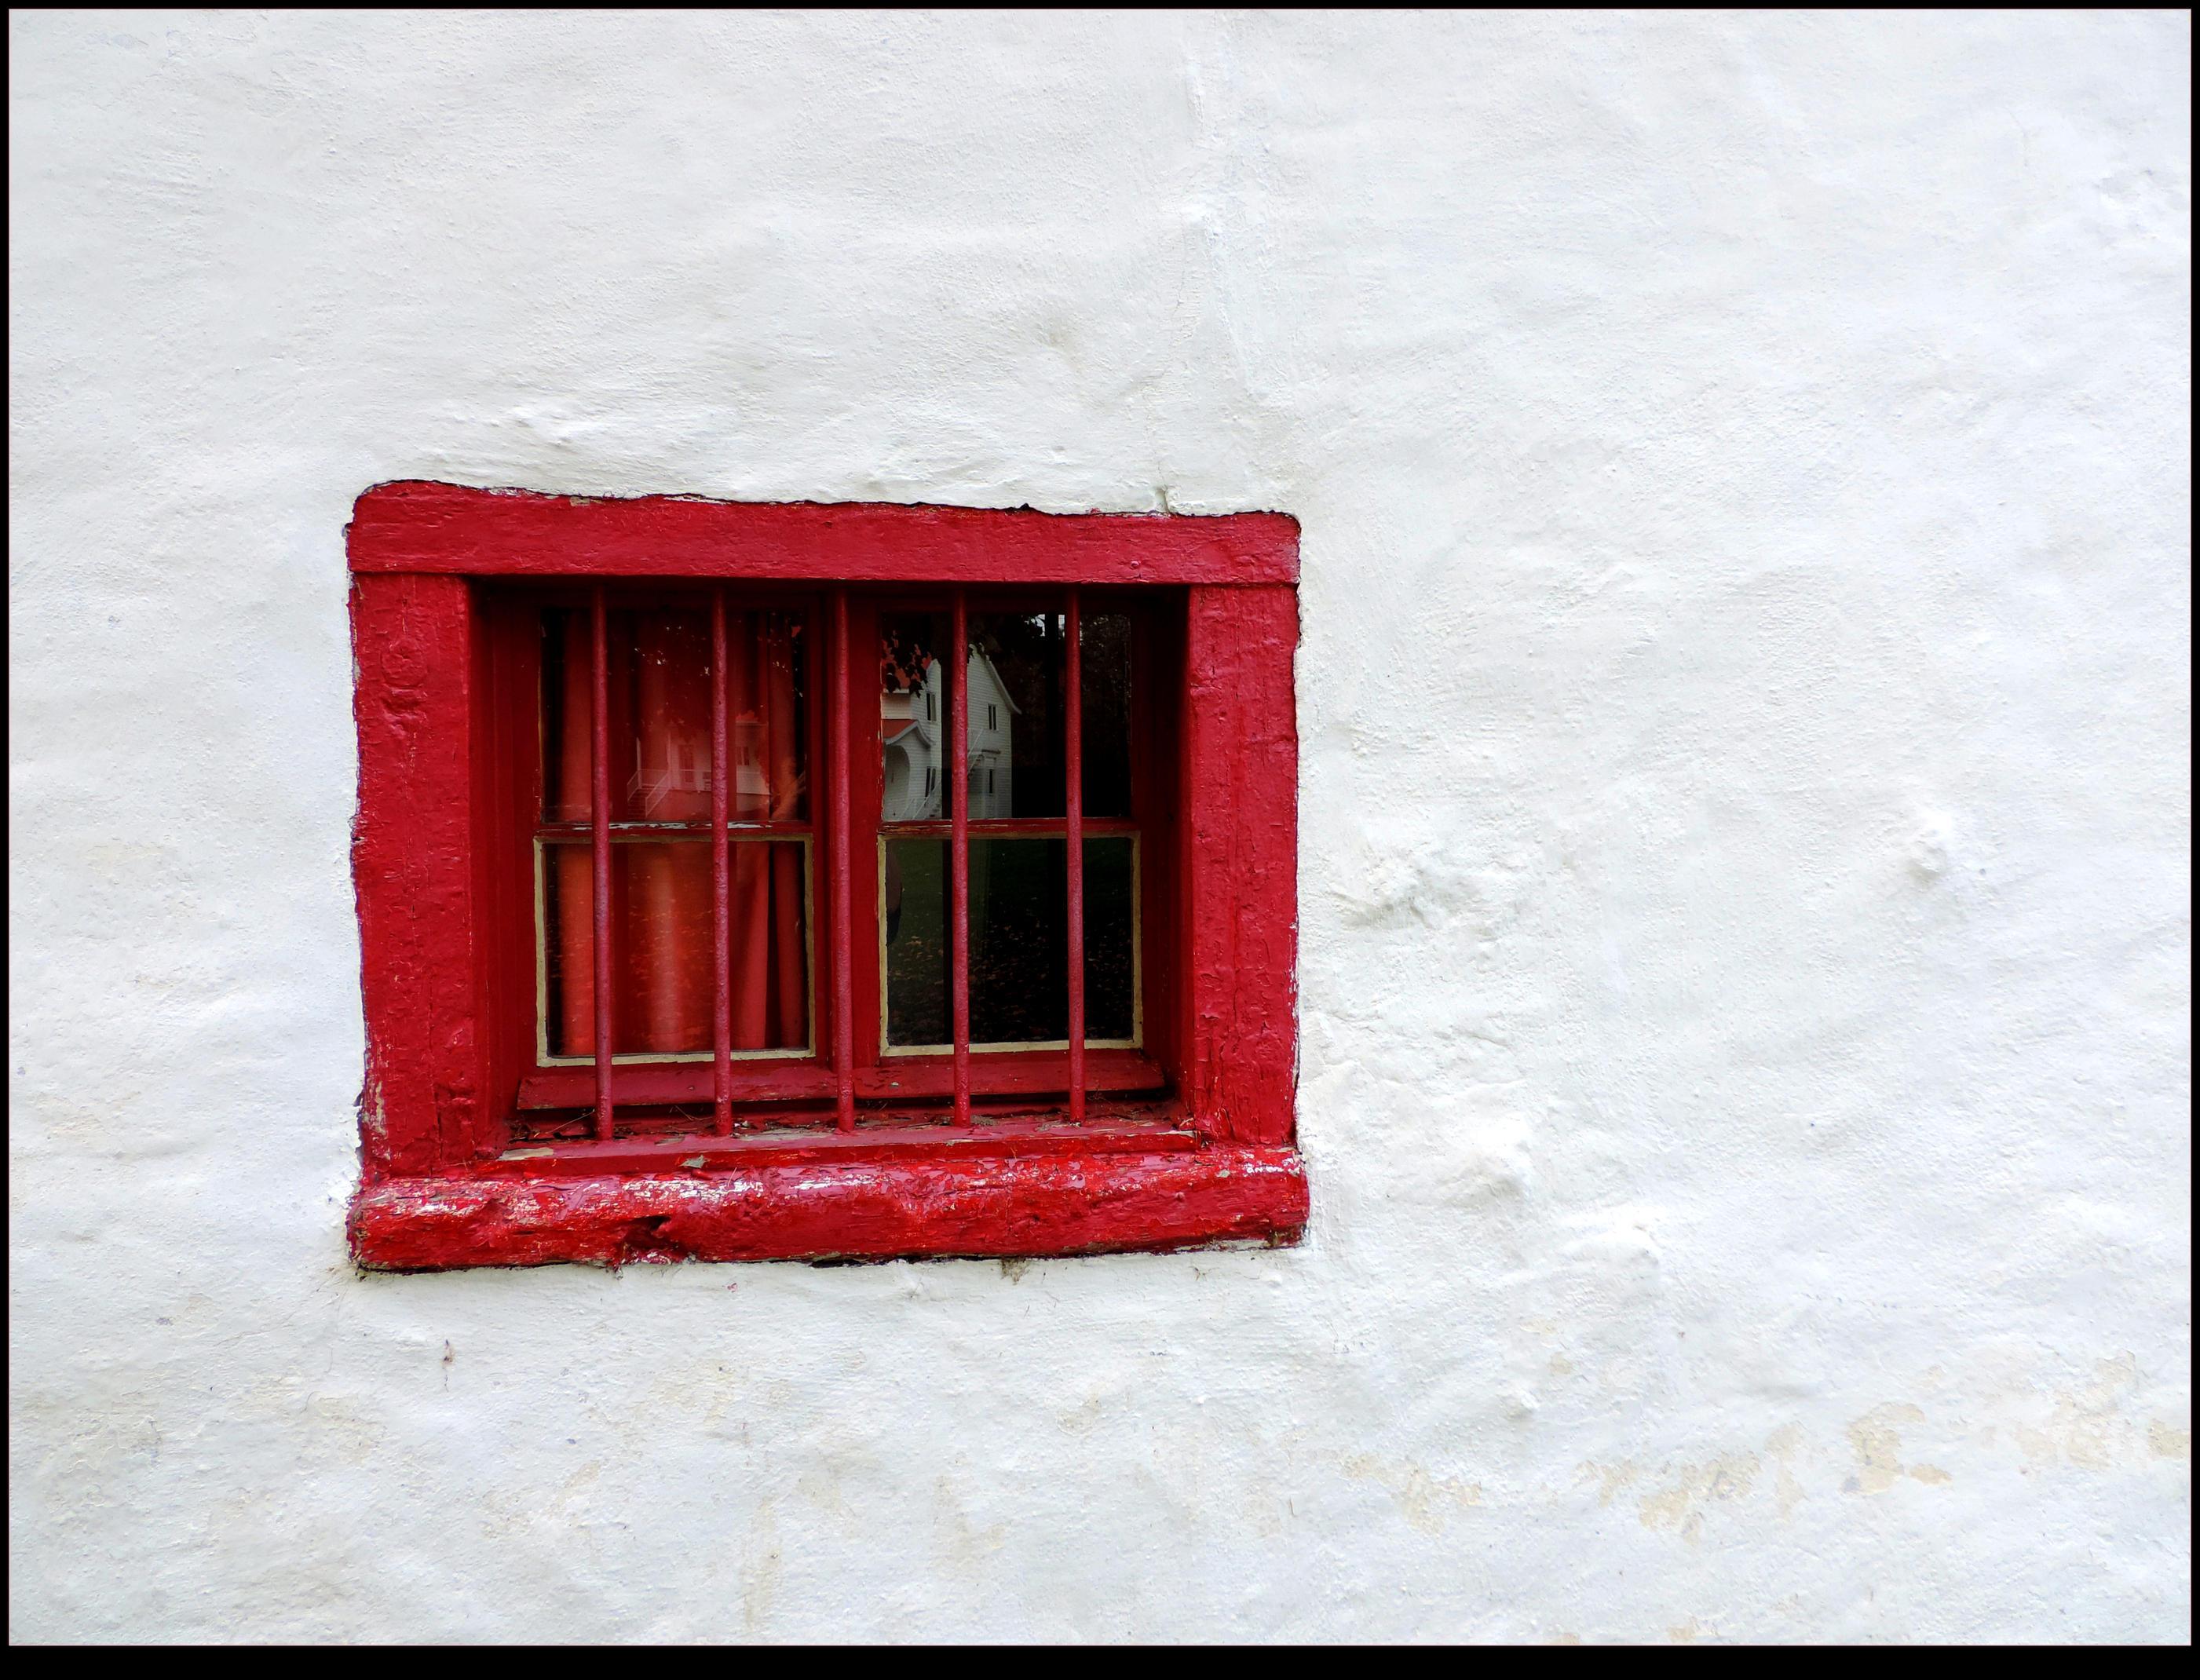 The Red Window by JocelyneR